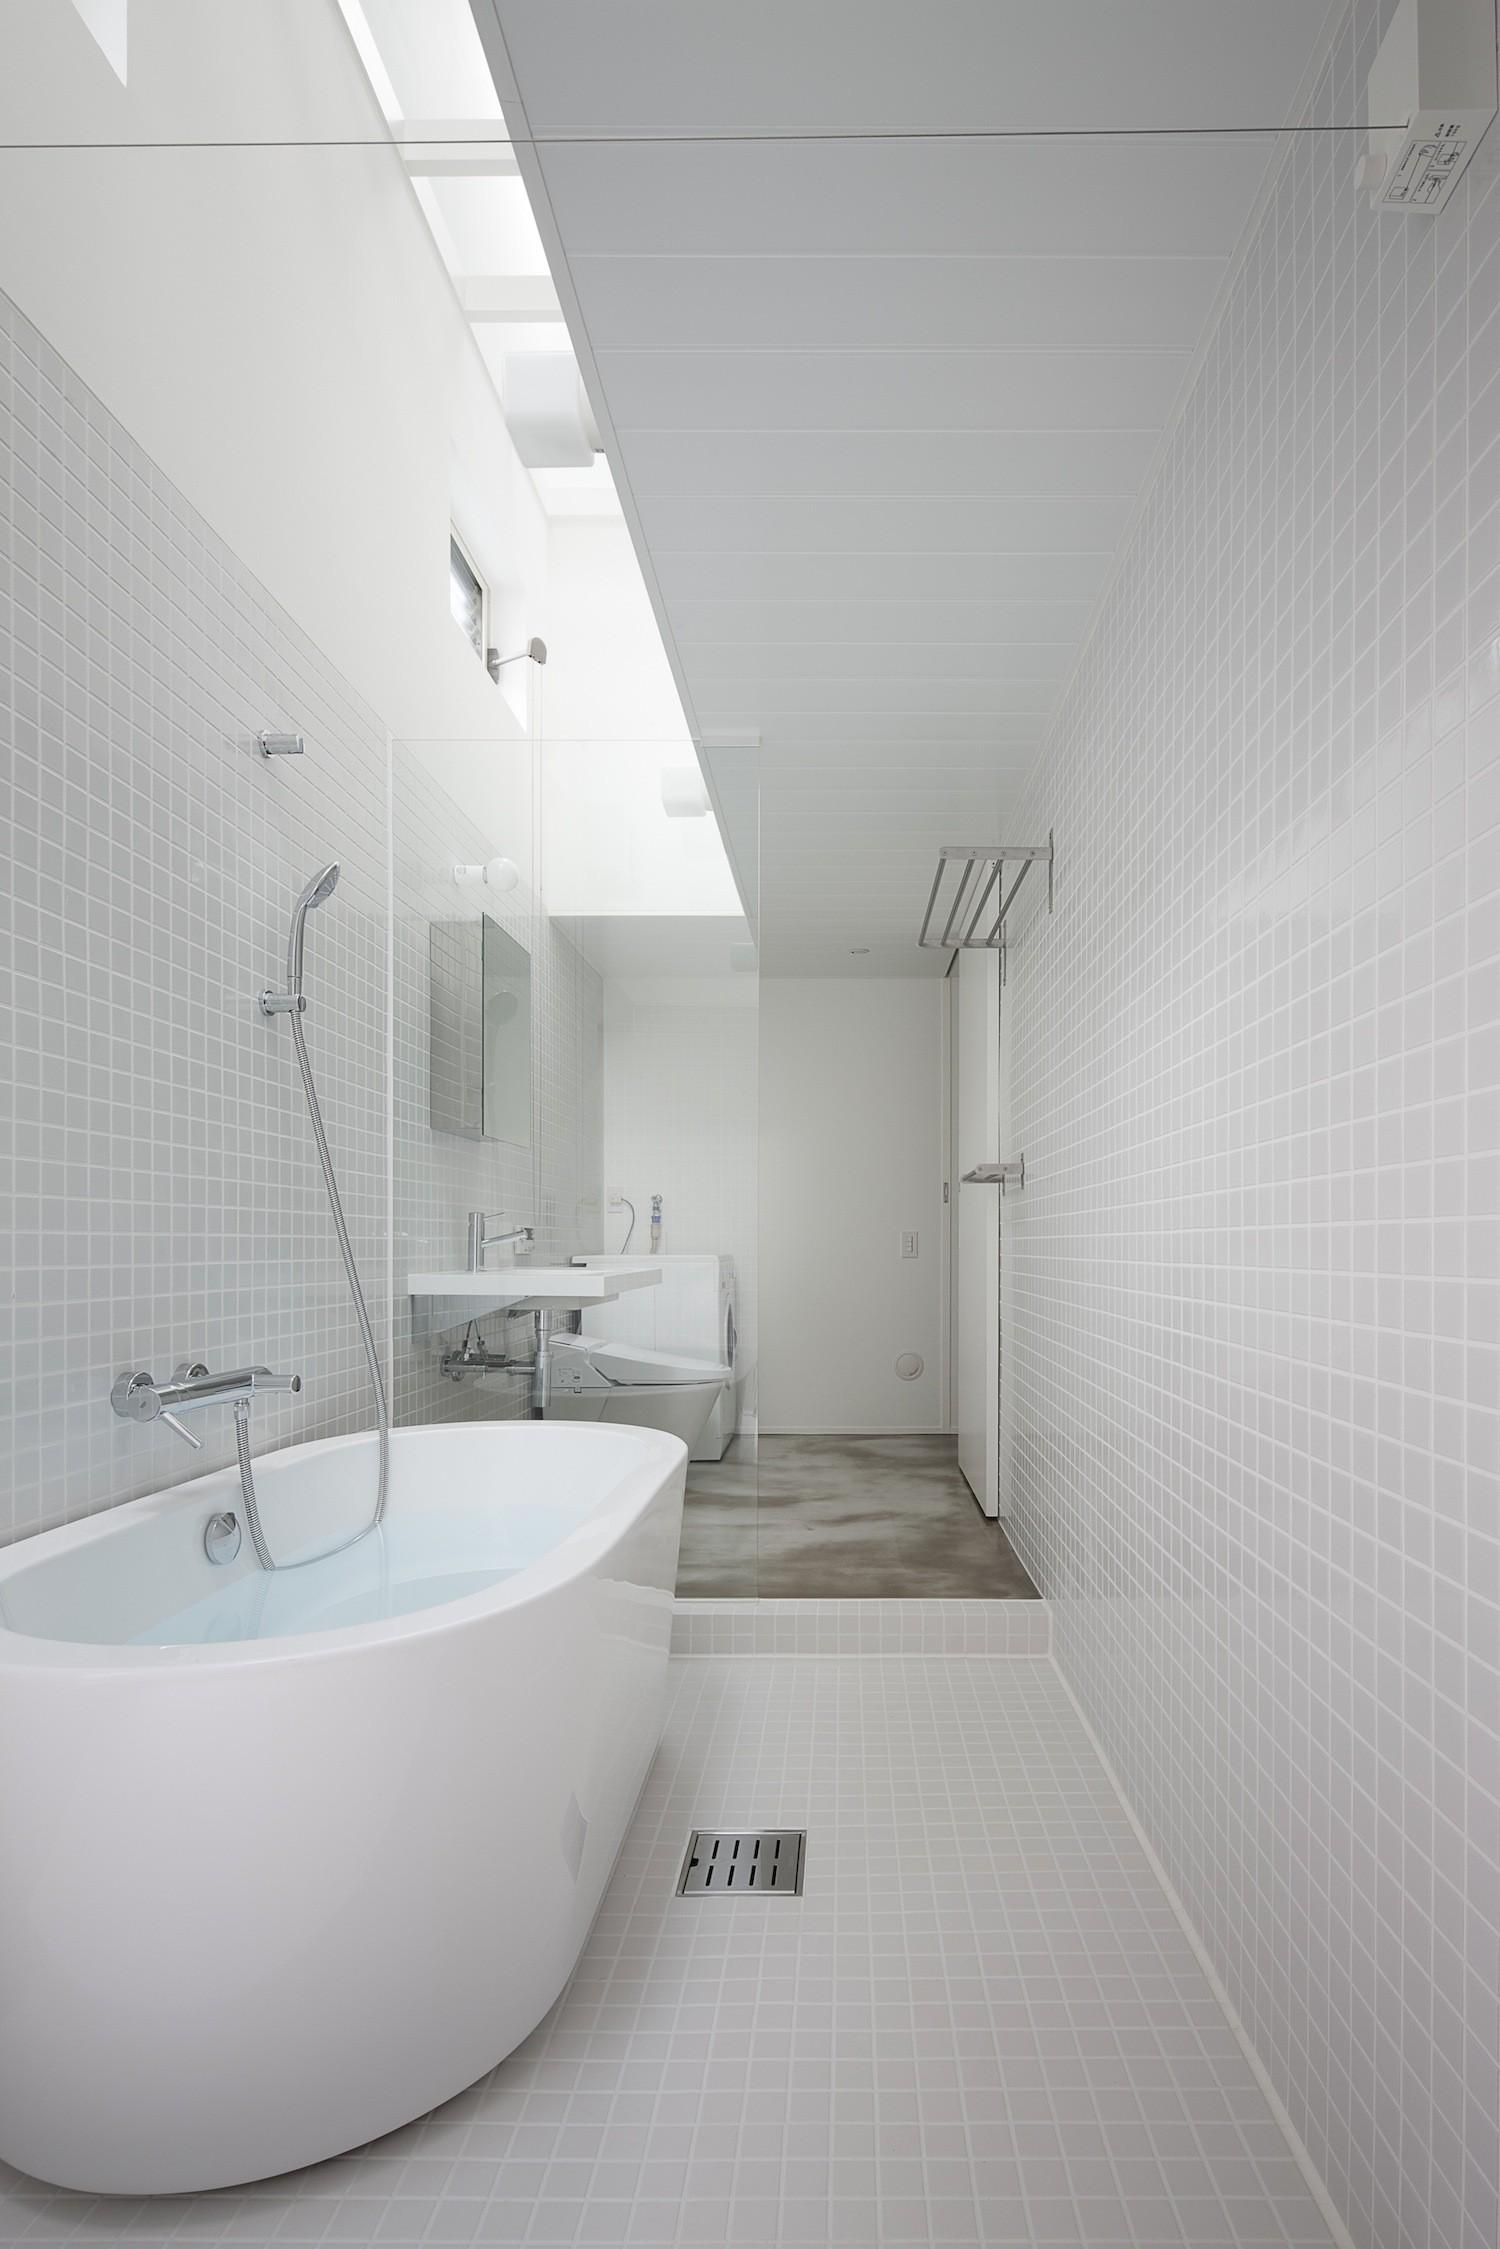 バス/トイレ事例:ワンルーム式のサニタリー(さいたまの旗竿敷地の家 OUCHI-21)